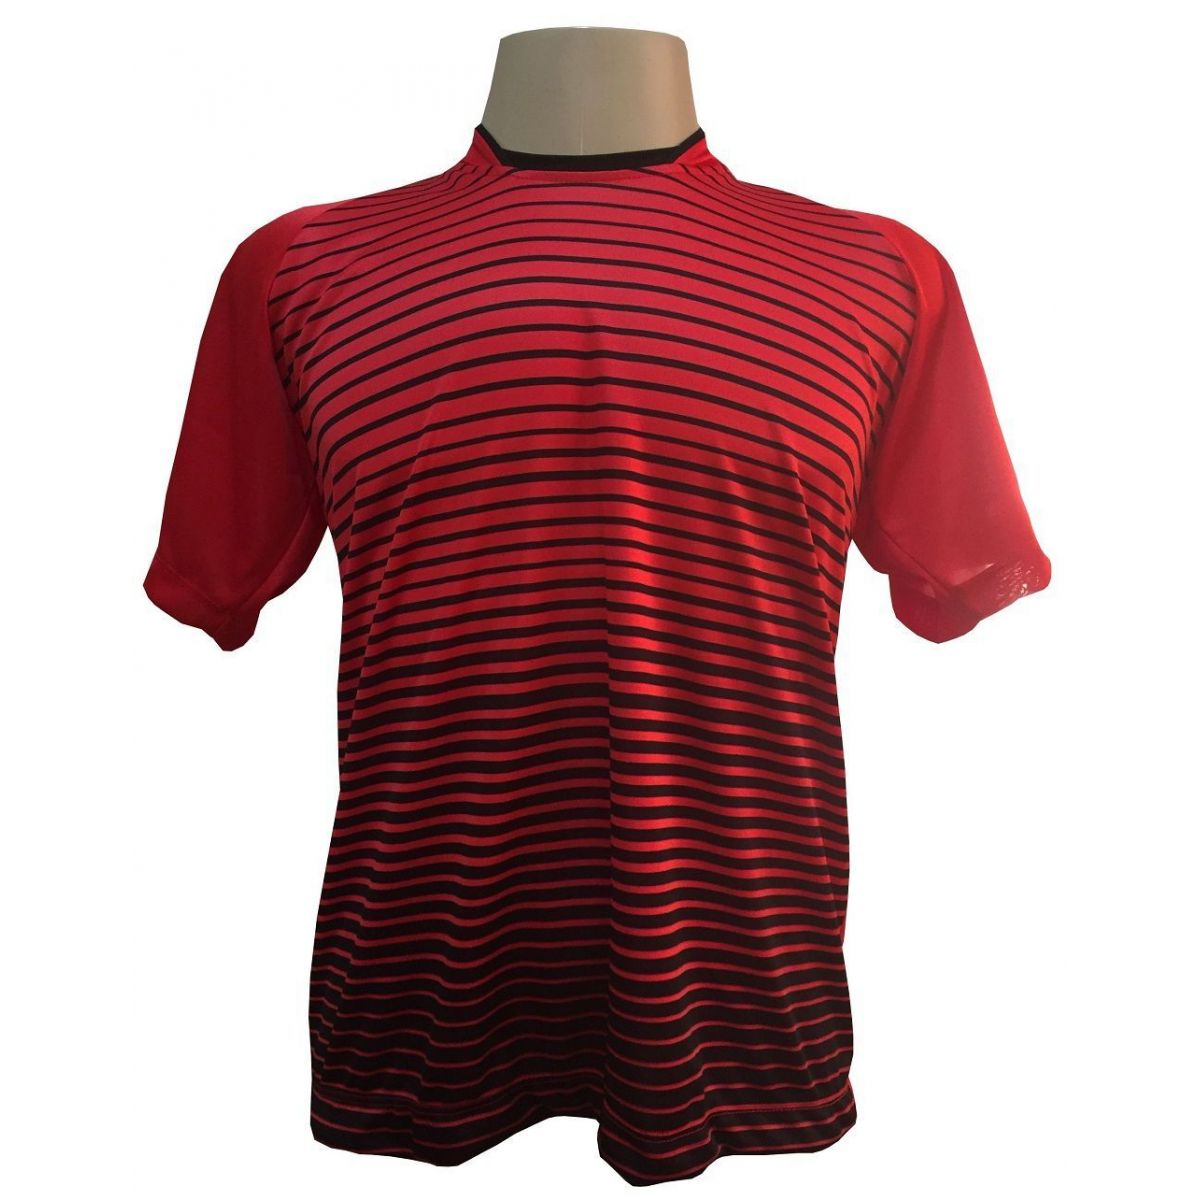 Uniforme Esportivo com 12 Camisas modelo City Vermelho/Preto + 12 Calções modelo Madrid Preto + 12 Pares de meiões Vermelho   - ESTAÇÃO DO ESPORTE